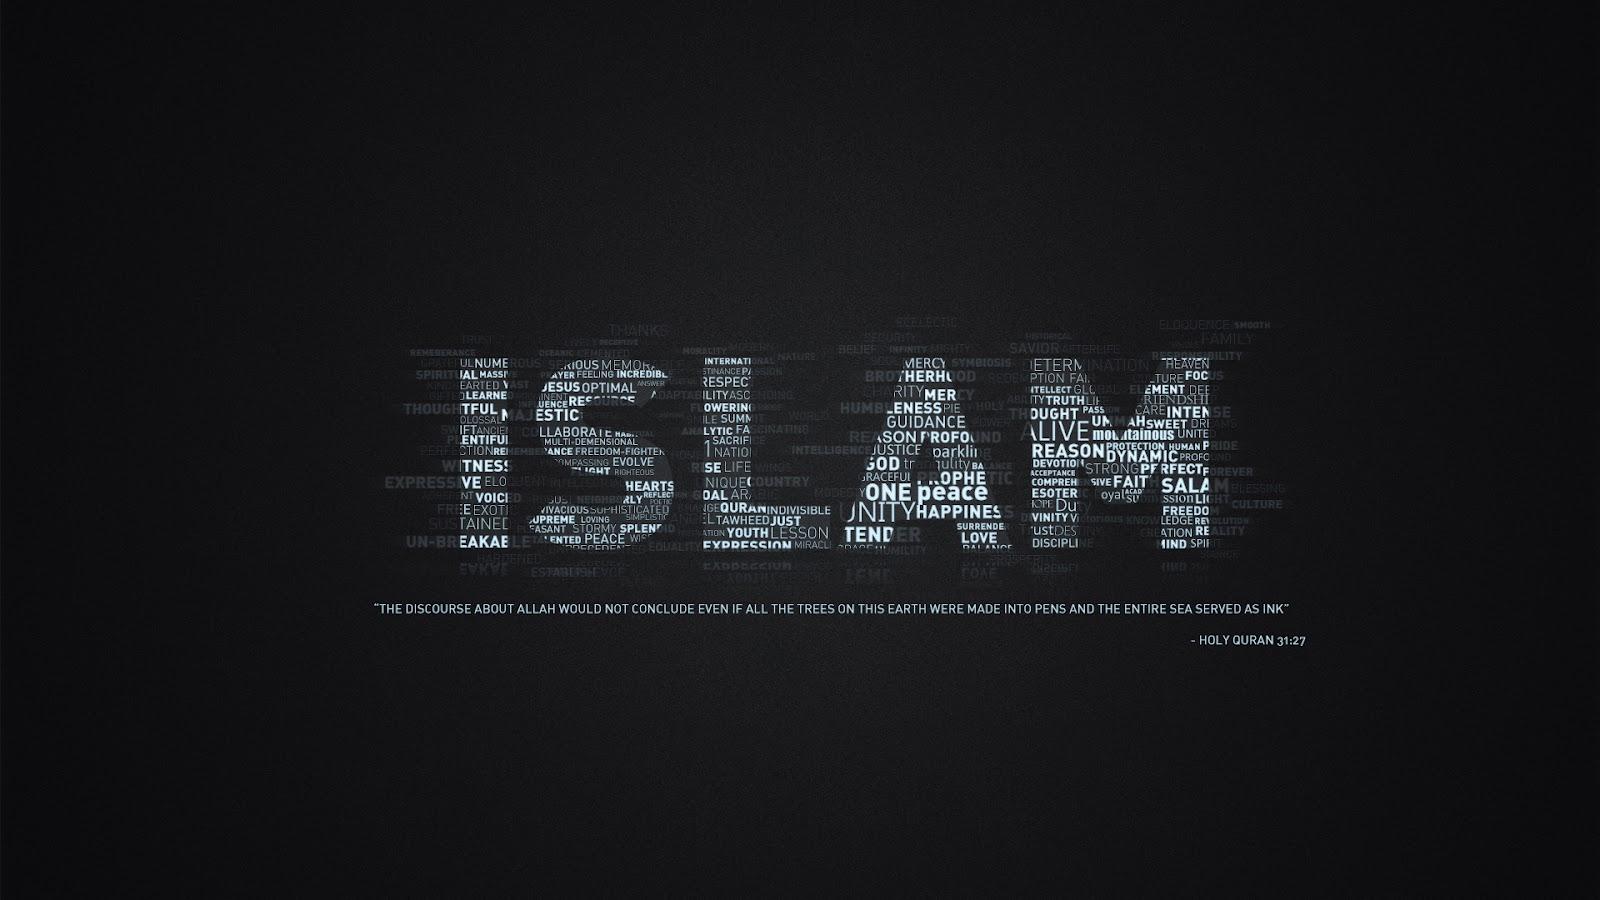 http://2.bp.blogspot.com/-C3q6lHqpn7k/T9L18H7iqbI/AAAAAAAACi4/gJm07l_JnIg/s1600/islam_wallpaper_by_themuslimelement-d37bqm8.jpg